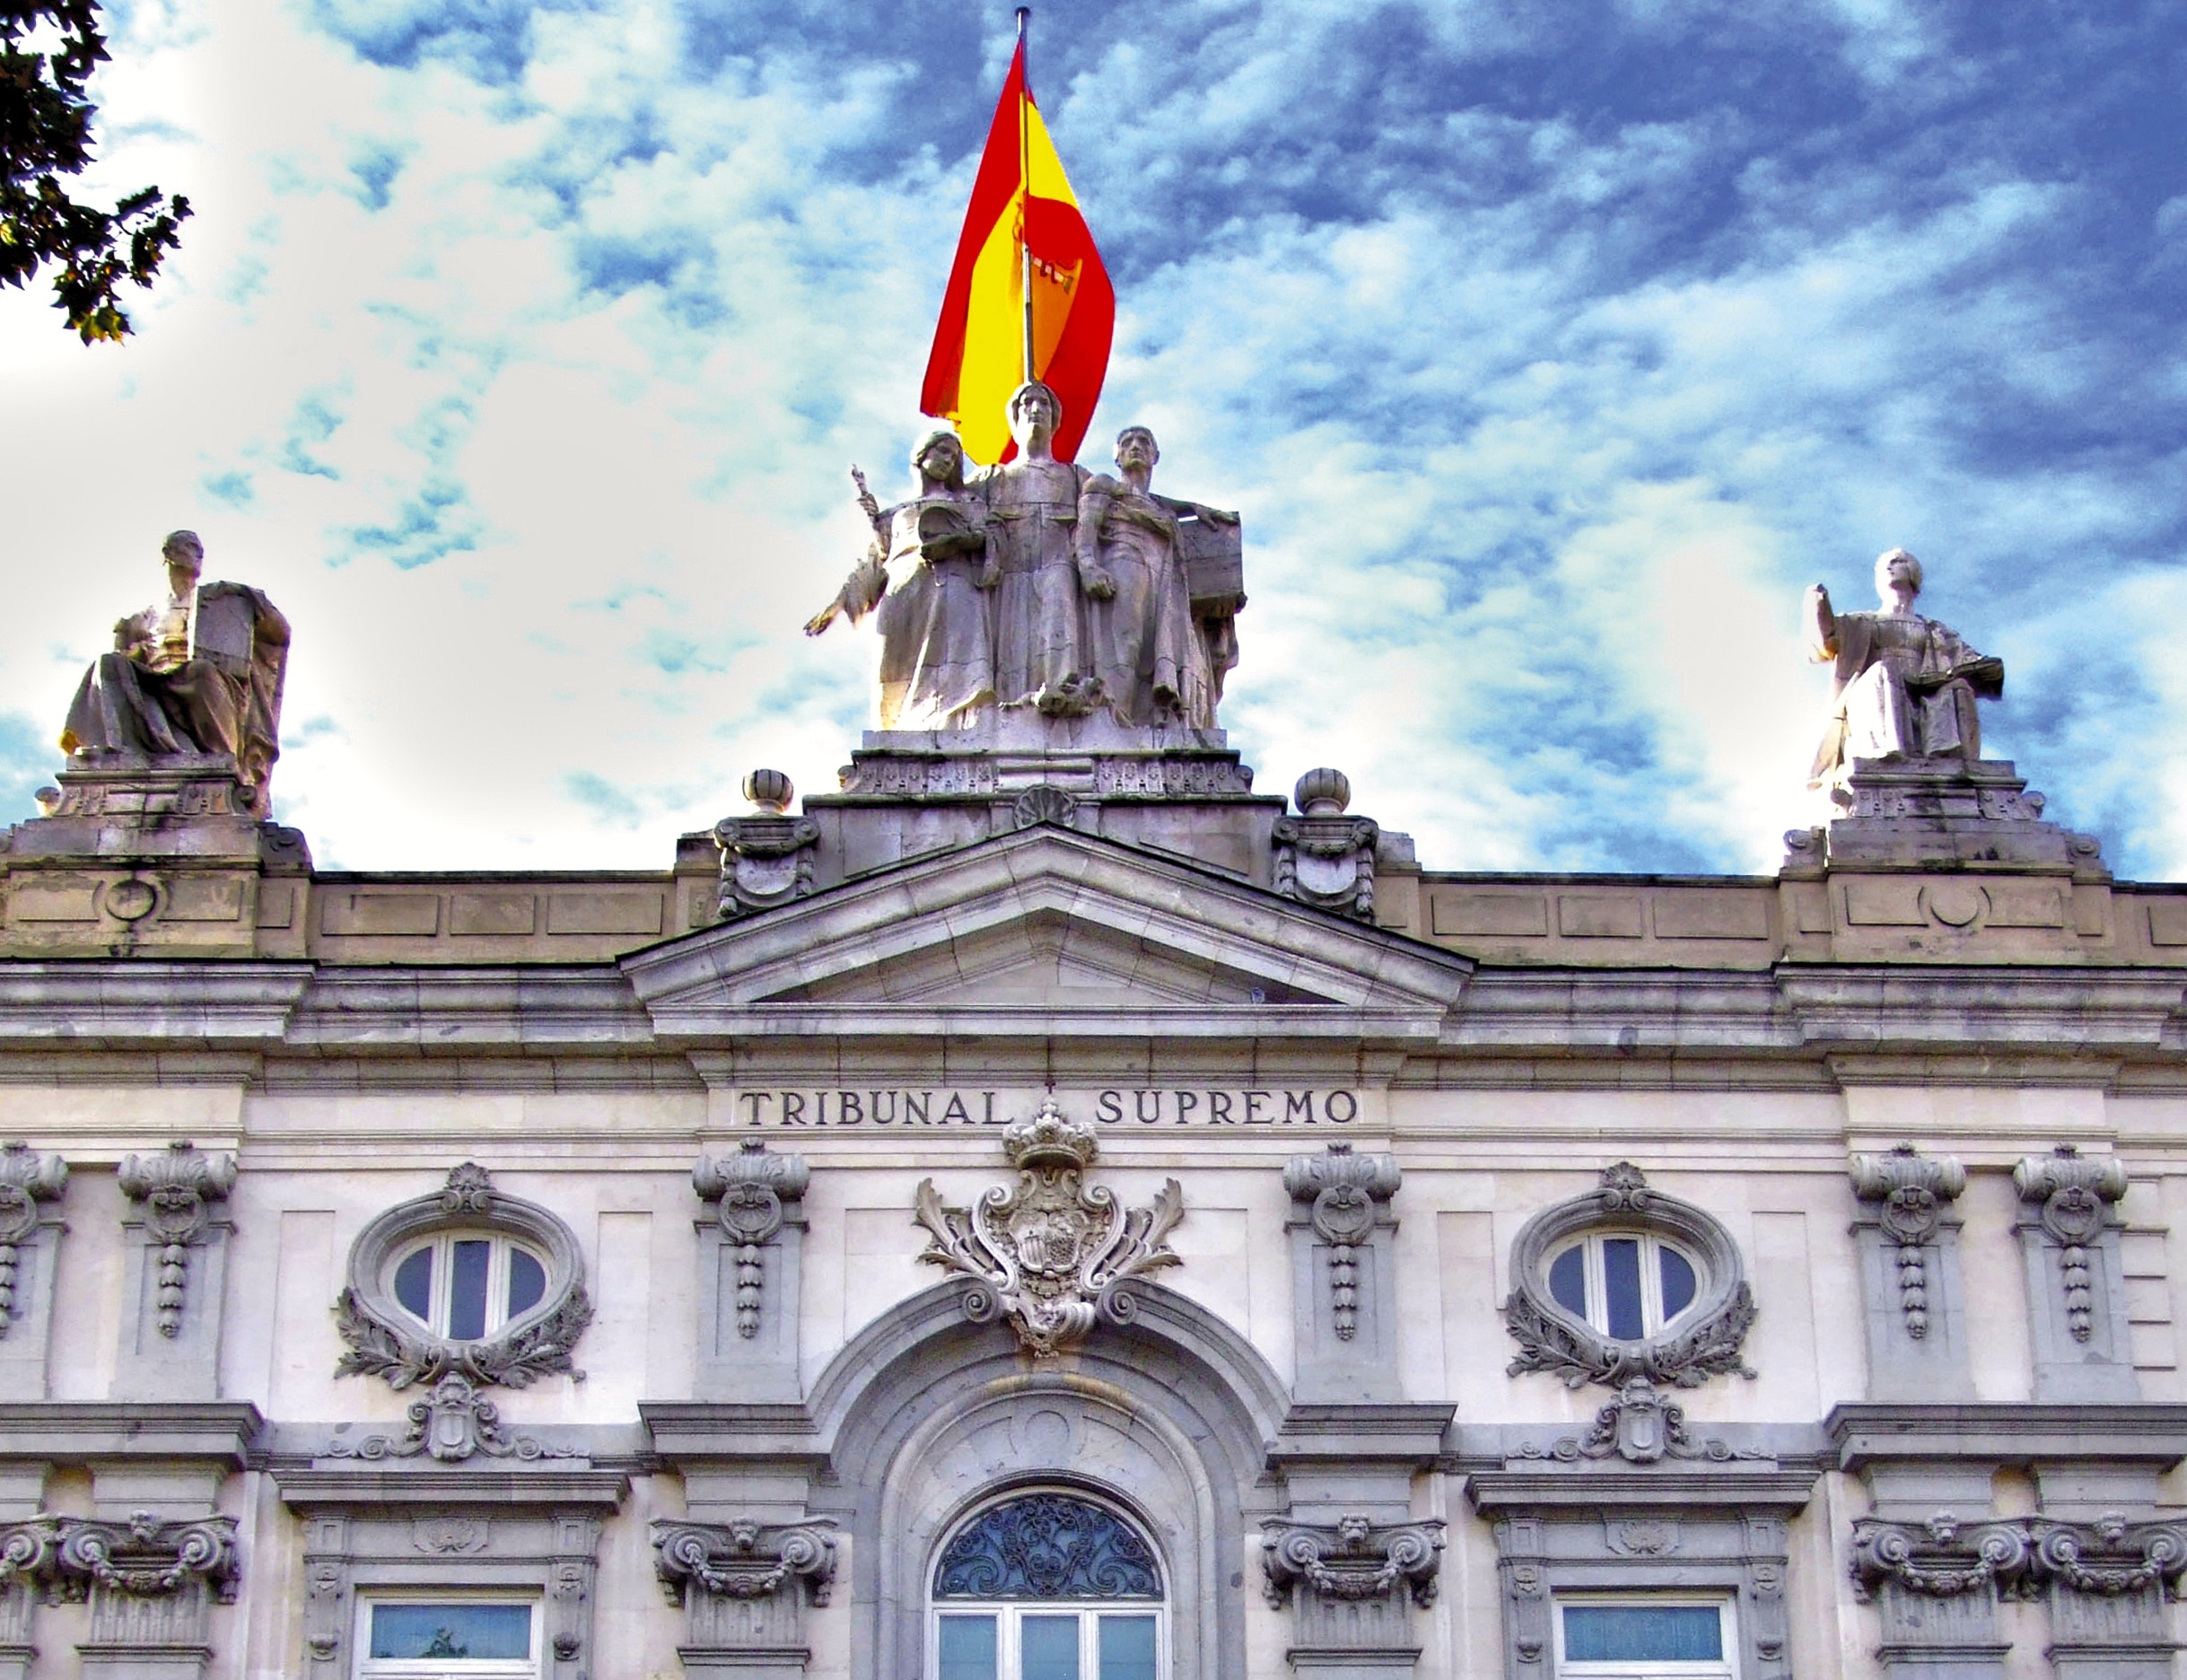 أعلى هيئة قضائية باسبانيا تحظر استخدام شعارات